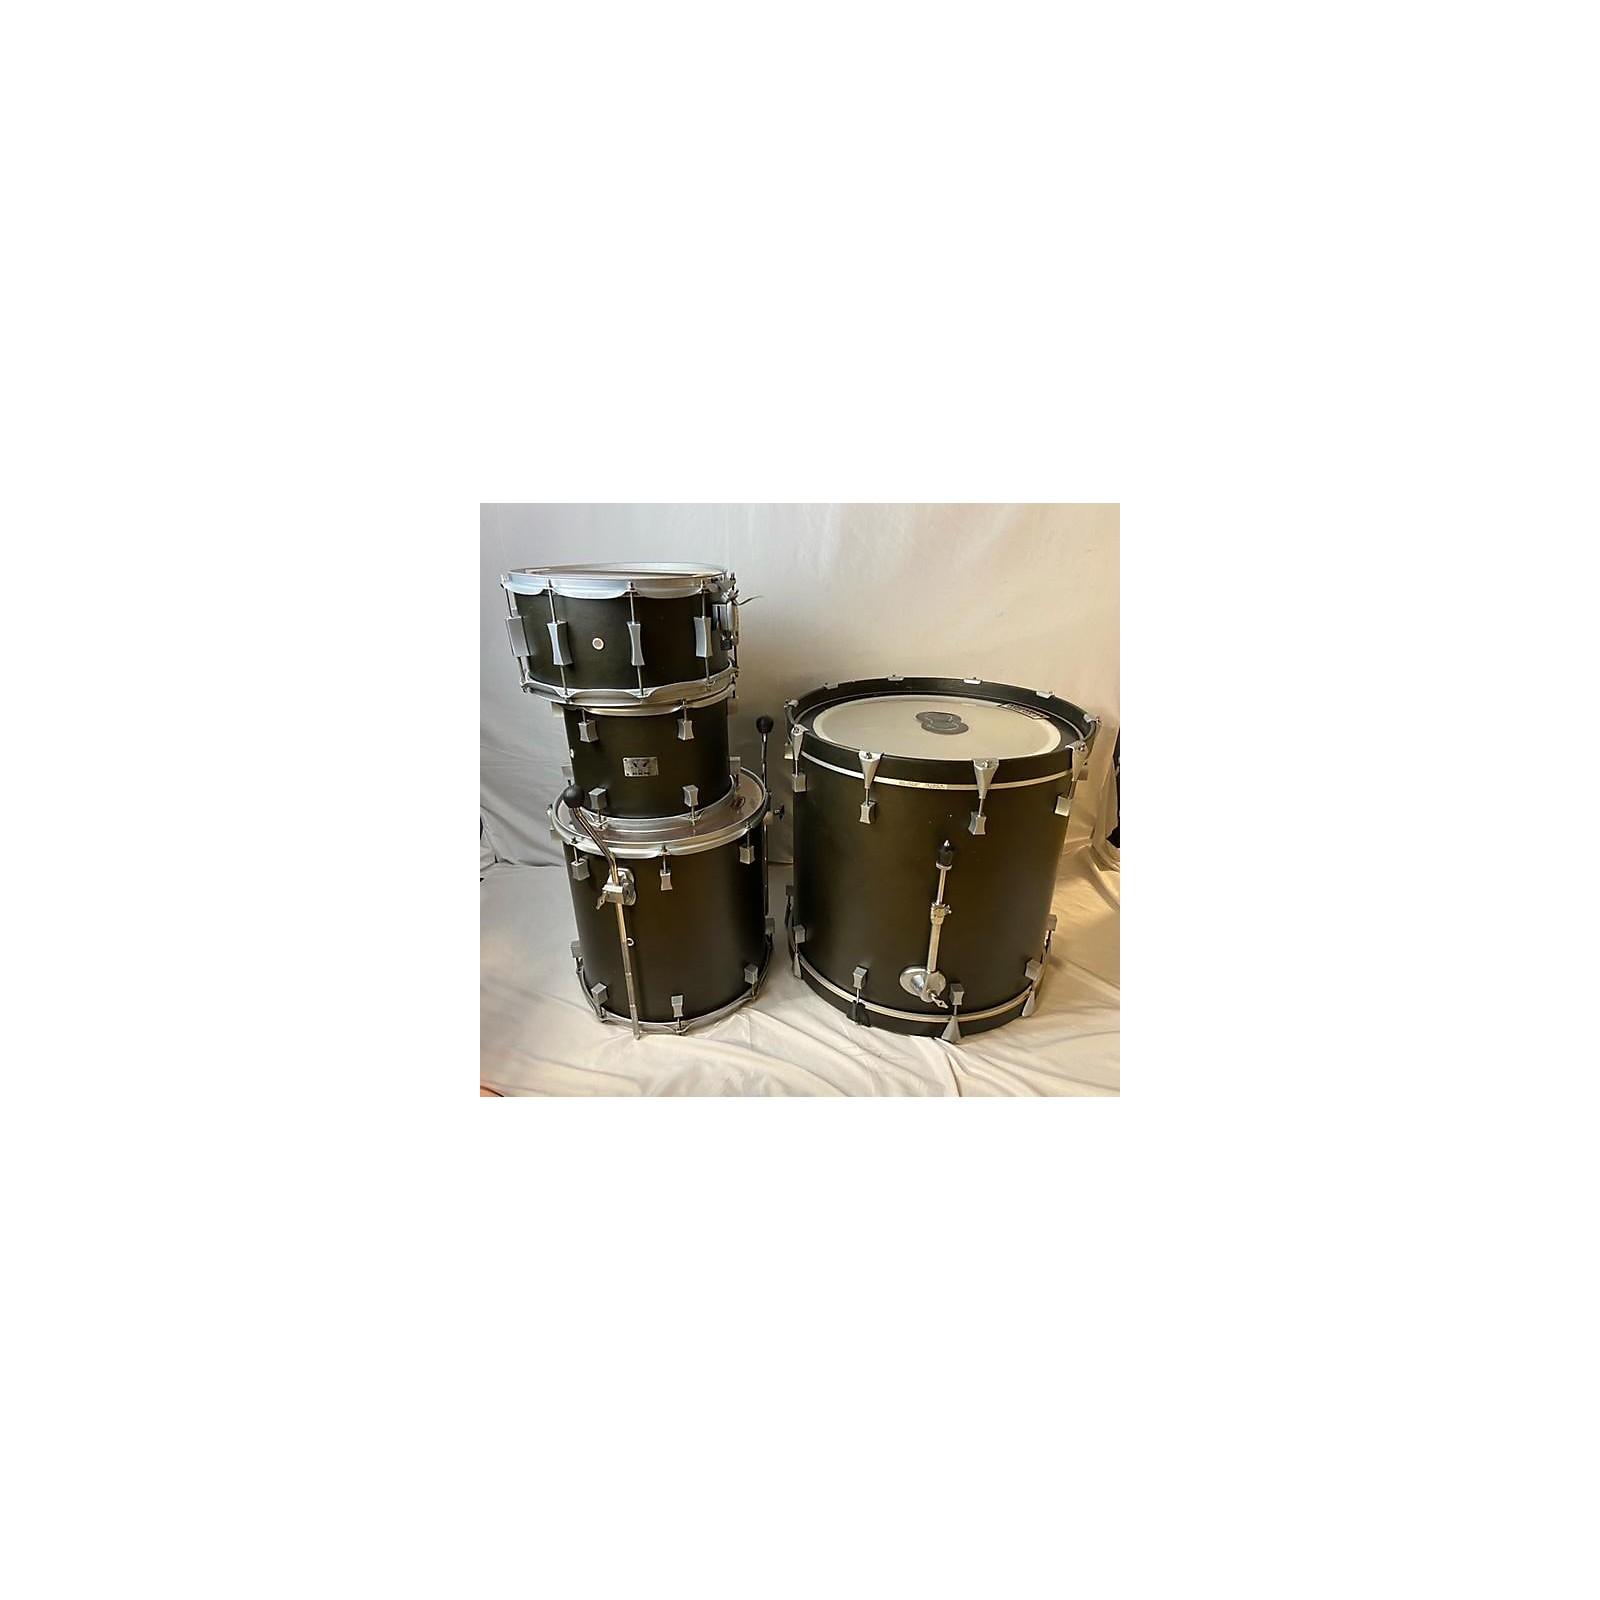 Pork Pie Little Squealer 4 Piece Drum Kit